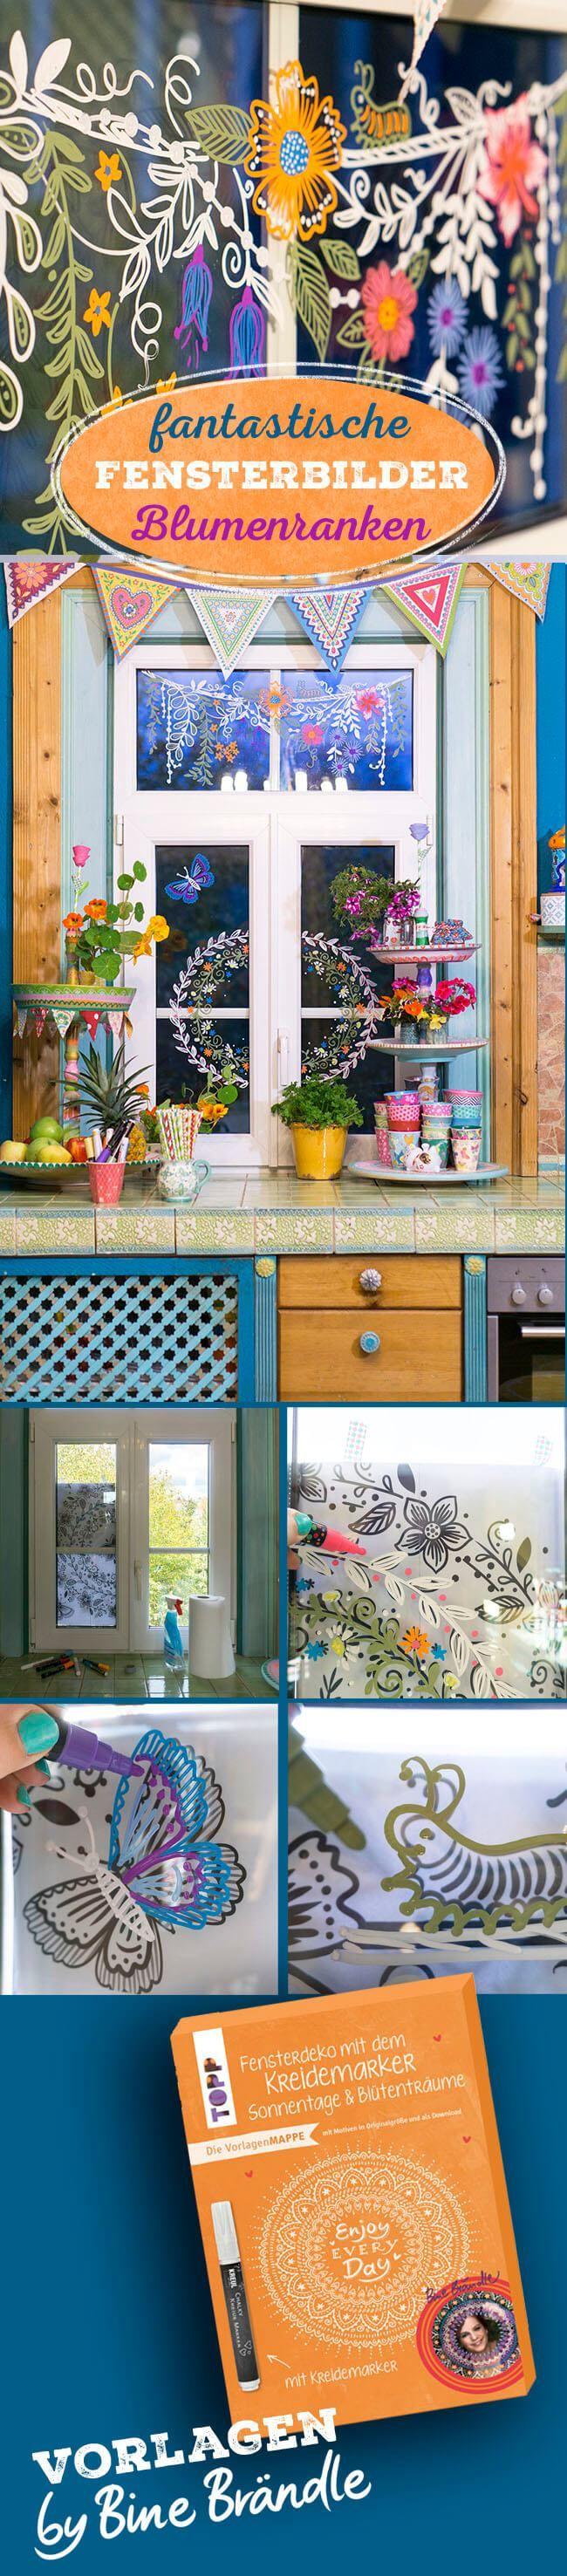 Vorlagenmappe Sonnentage & Blütenträume: Tolle DIY Idee ganz einfach zum Abpausen und Malen! Mit Hilfe der Vorlagen fantastische Blüten und Ranken mit einem abwischbaren Kreidemarker auf die Fenster malen.